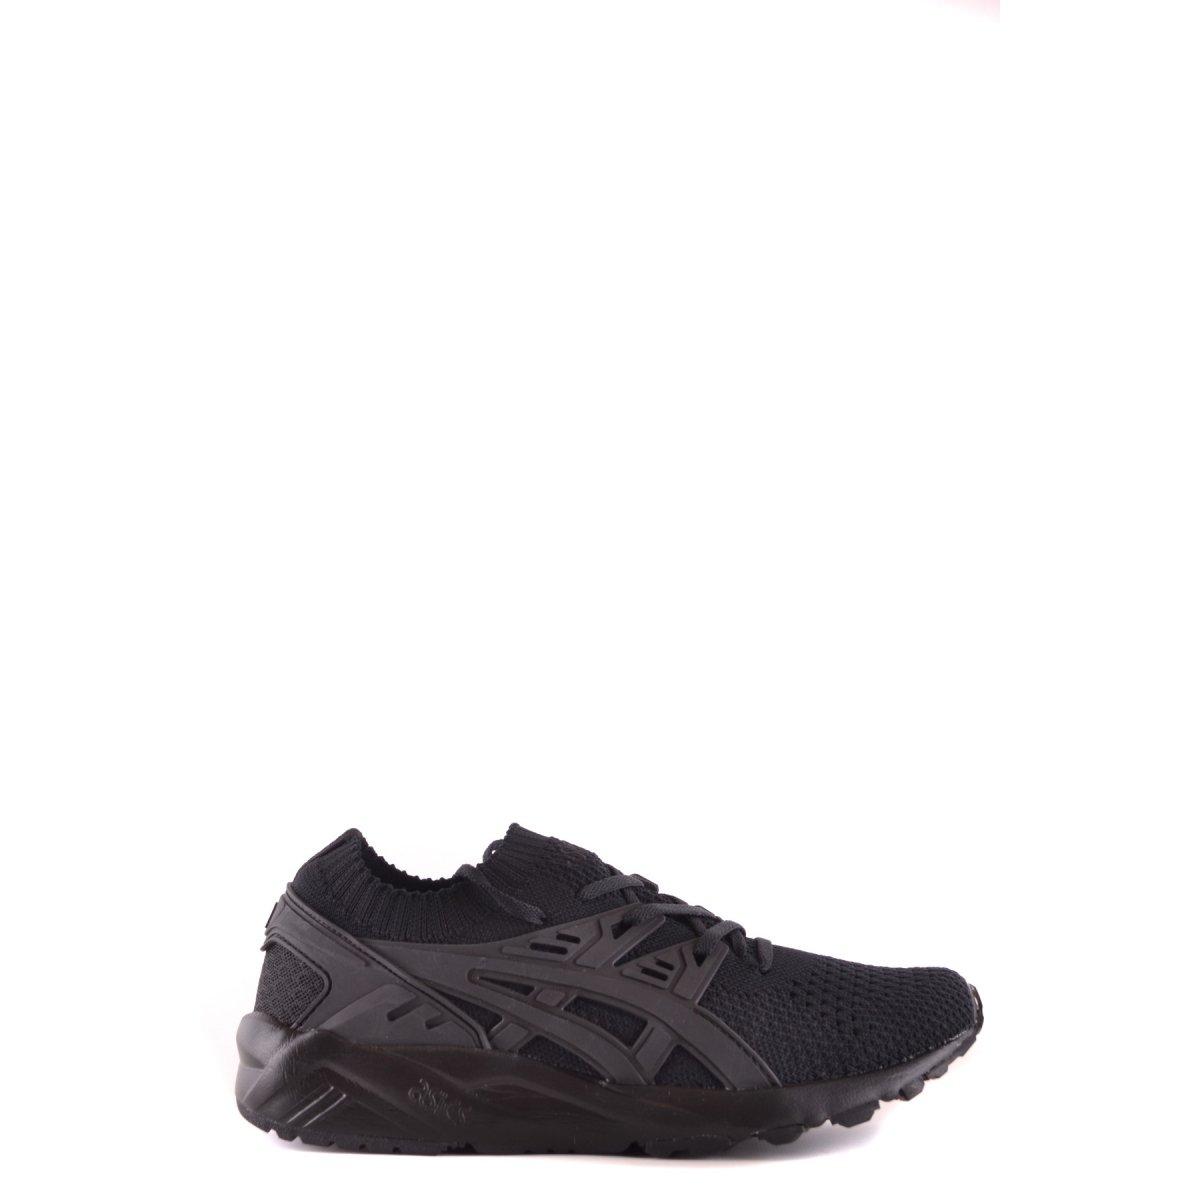 Asics Gel-Kayano Trainer Knit - Zapatos de Entrenamiento de Carrera en Asfalto para Hombre 36 EU Negro